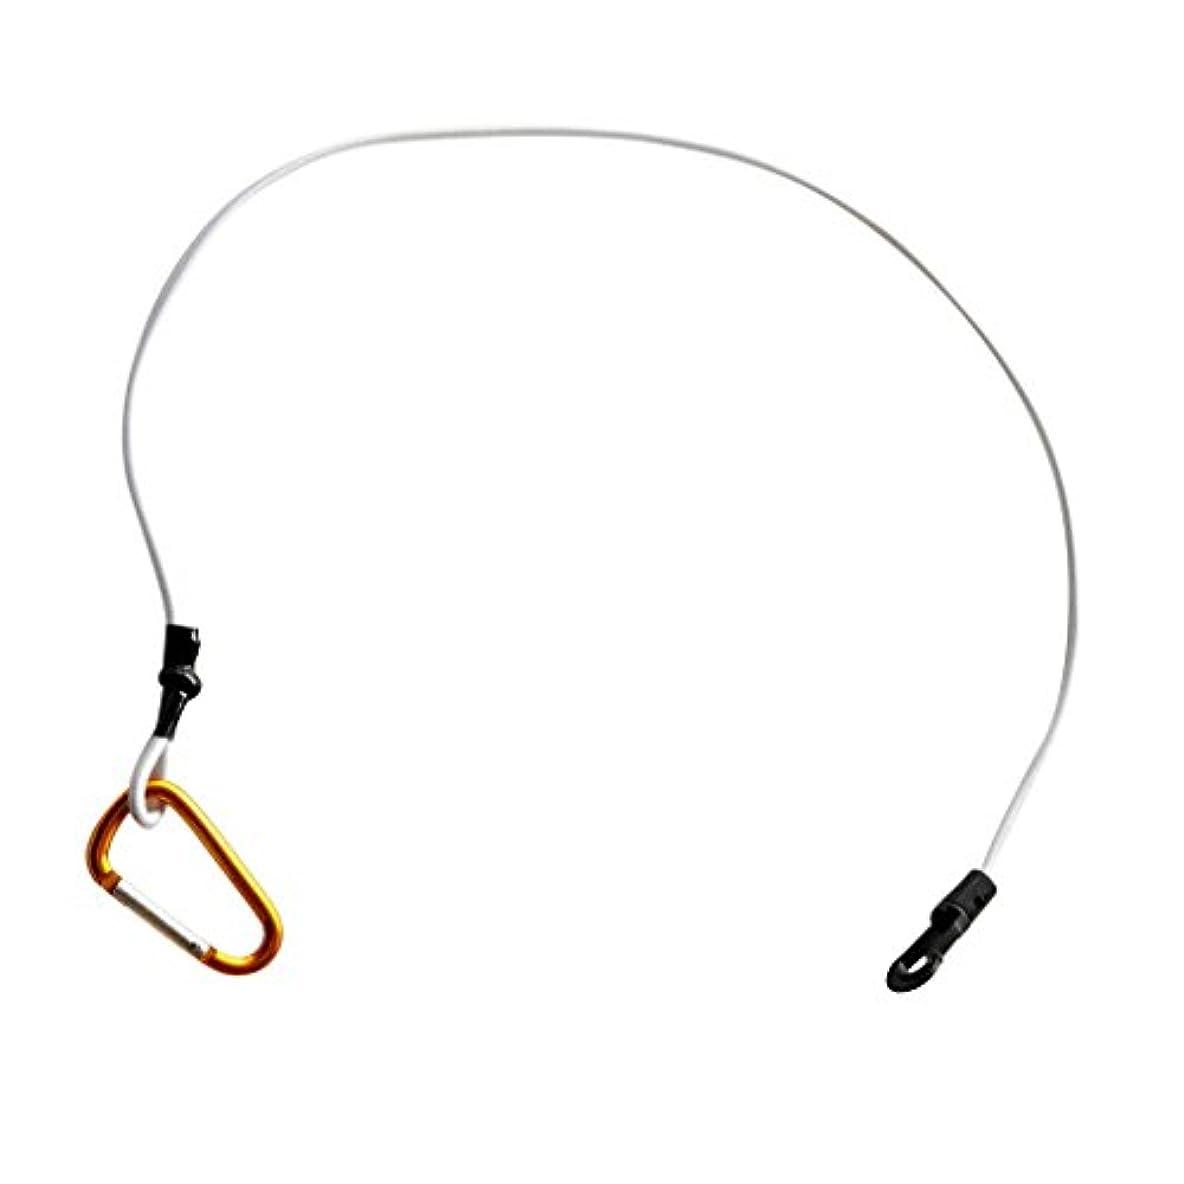 タイマー優越納税者Perfk カヤック ヨット パドルリーシュ 安全リーシュ 釣竿ストラップ コイル ロープ コード